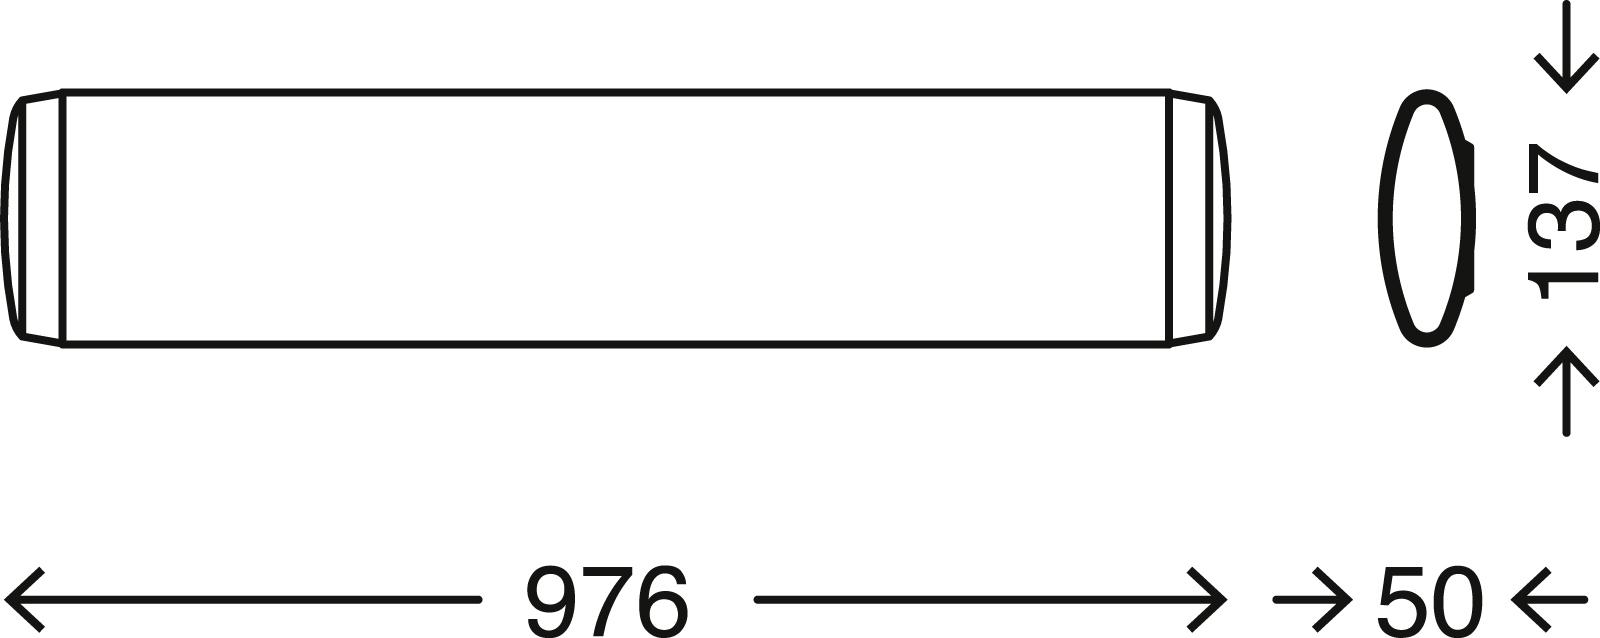 TELEFUNKEN LED Deckenleuchte, 97,6 cm, 23 W, Weiß